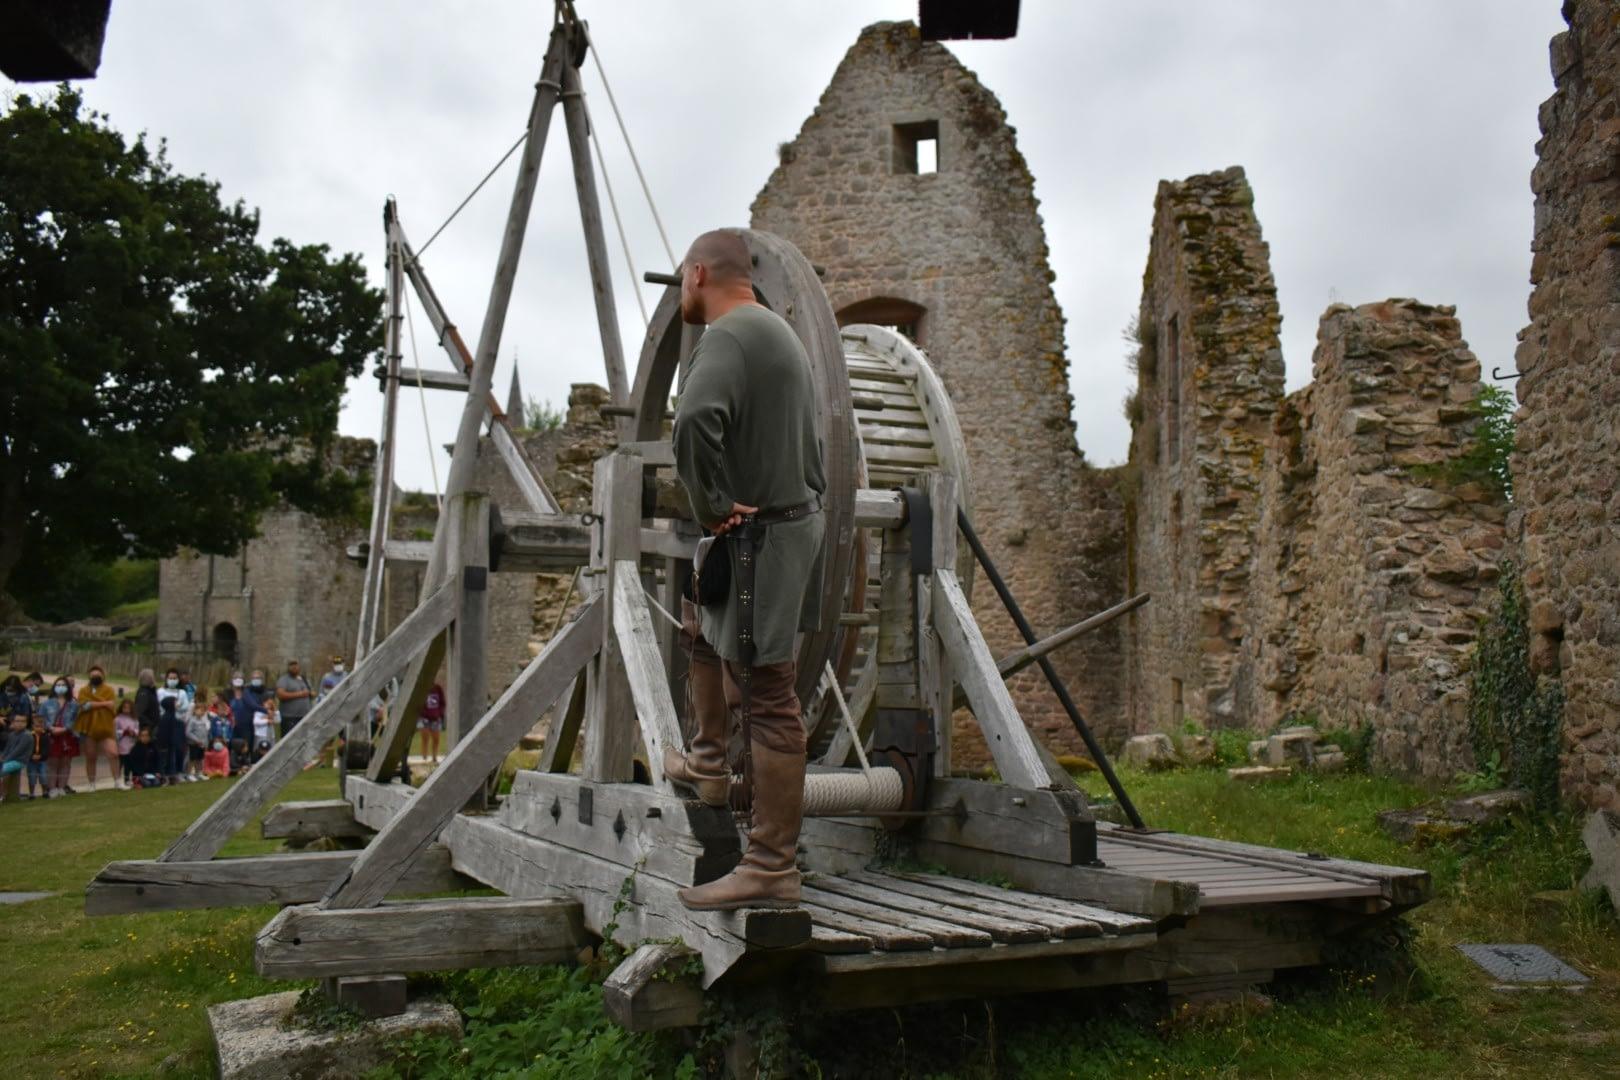 Medieval crane at the Château de Tiffauges